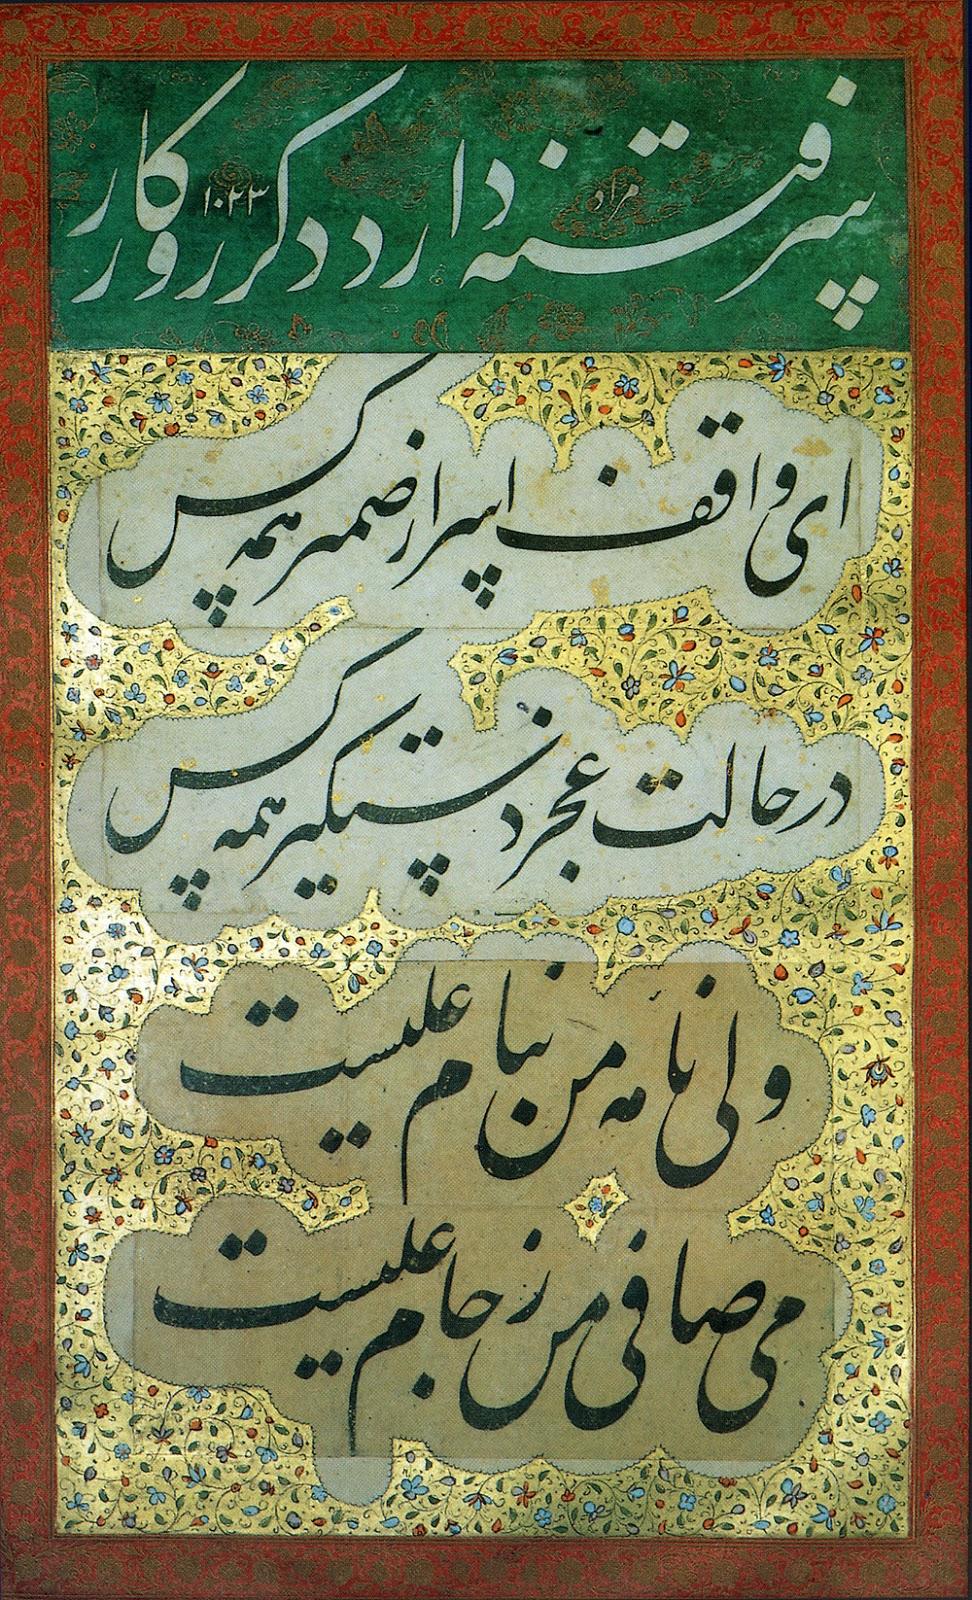 الخط العربي في ايران